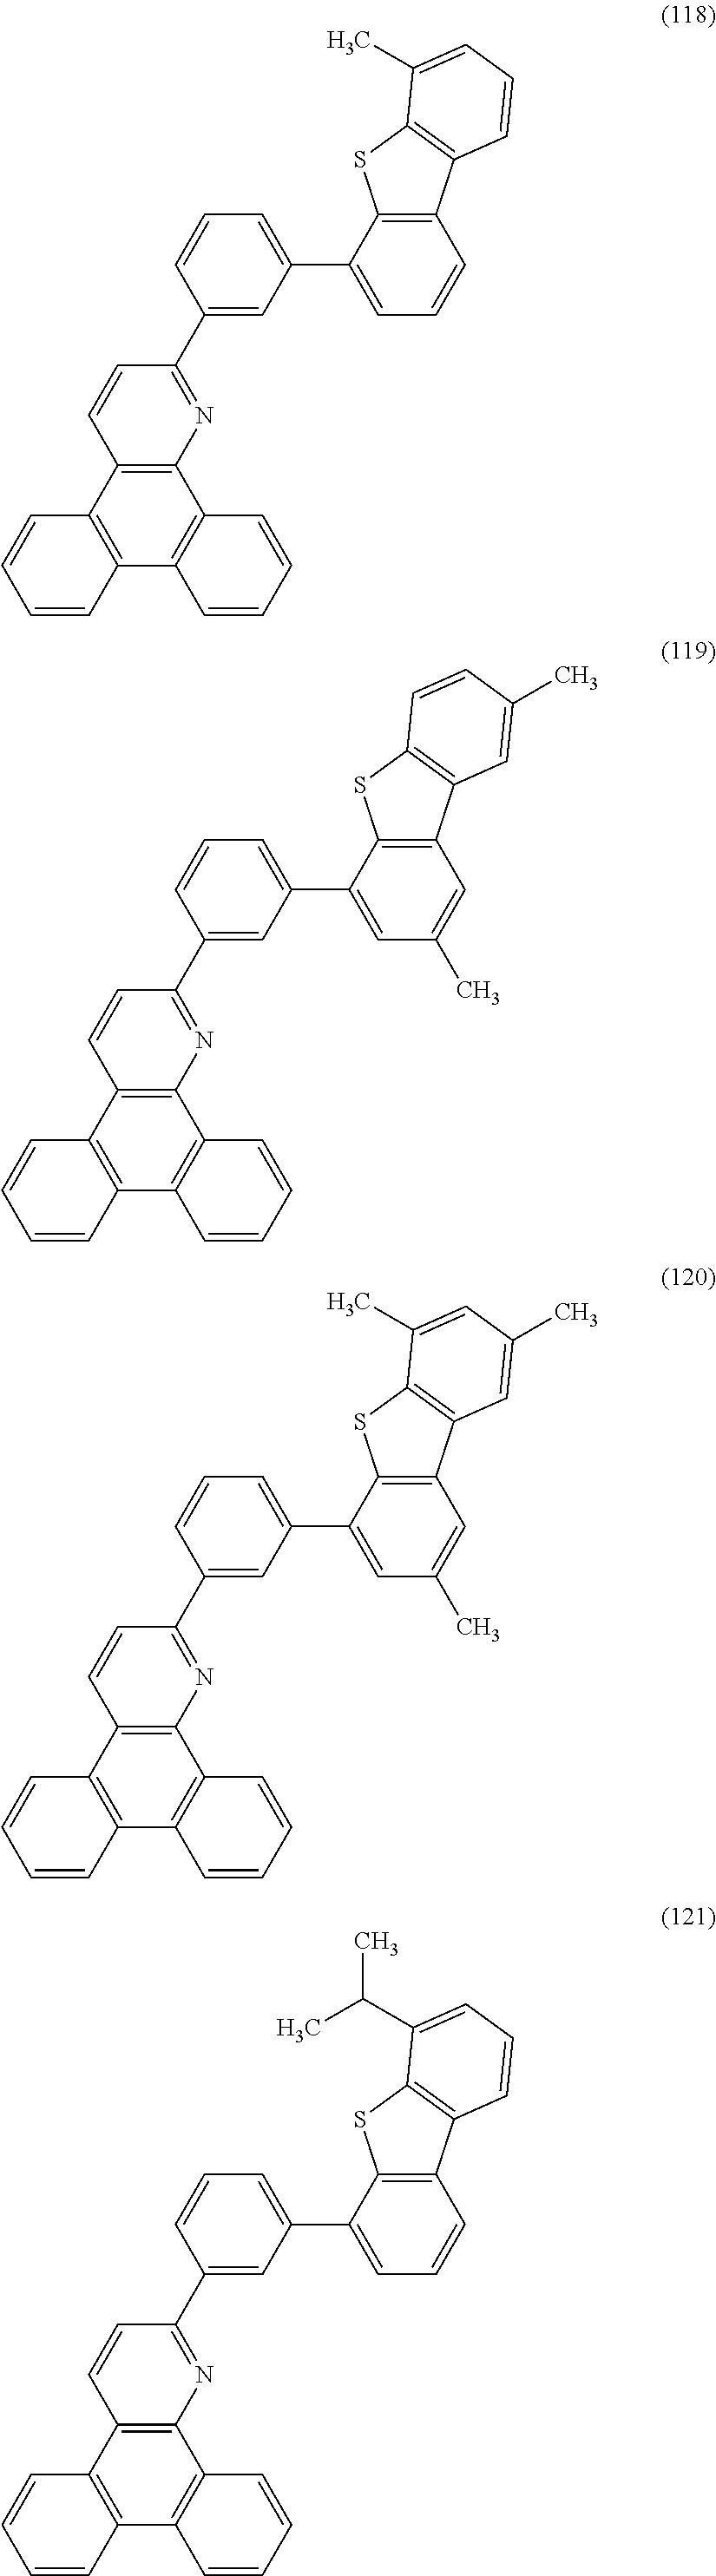 Figure US09843000-20171212-C00023